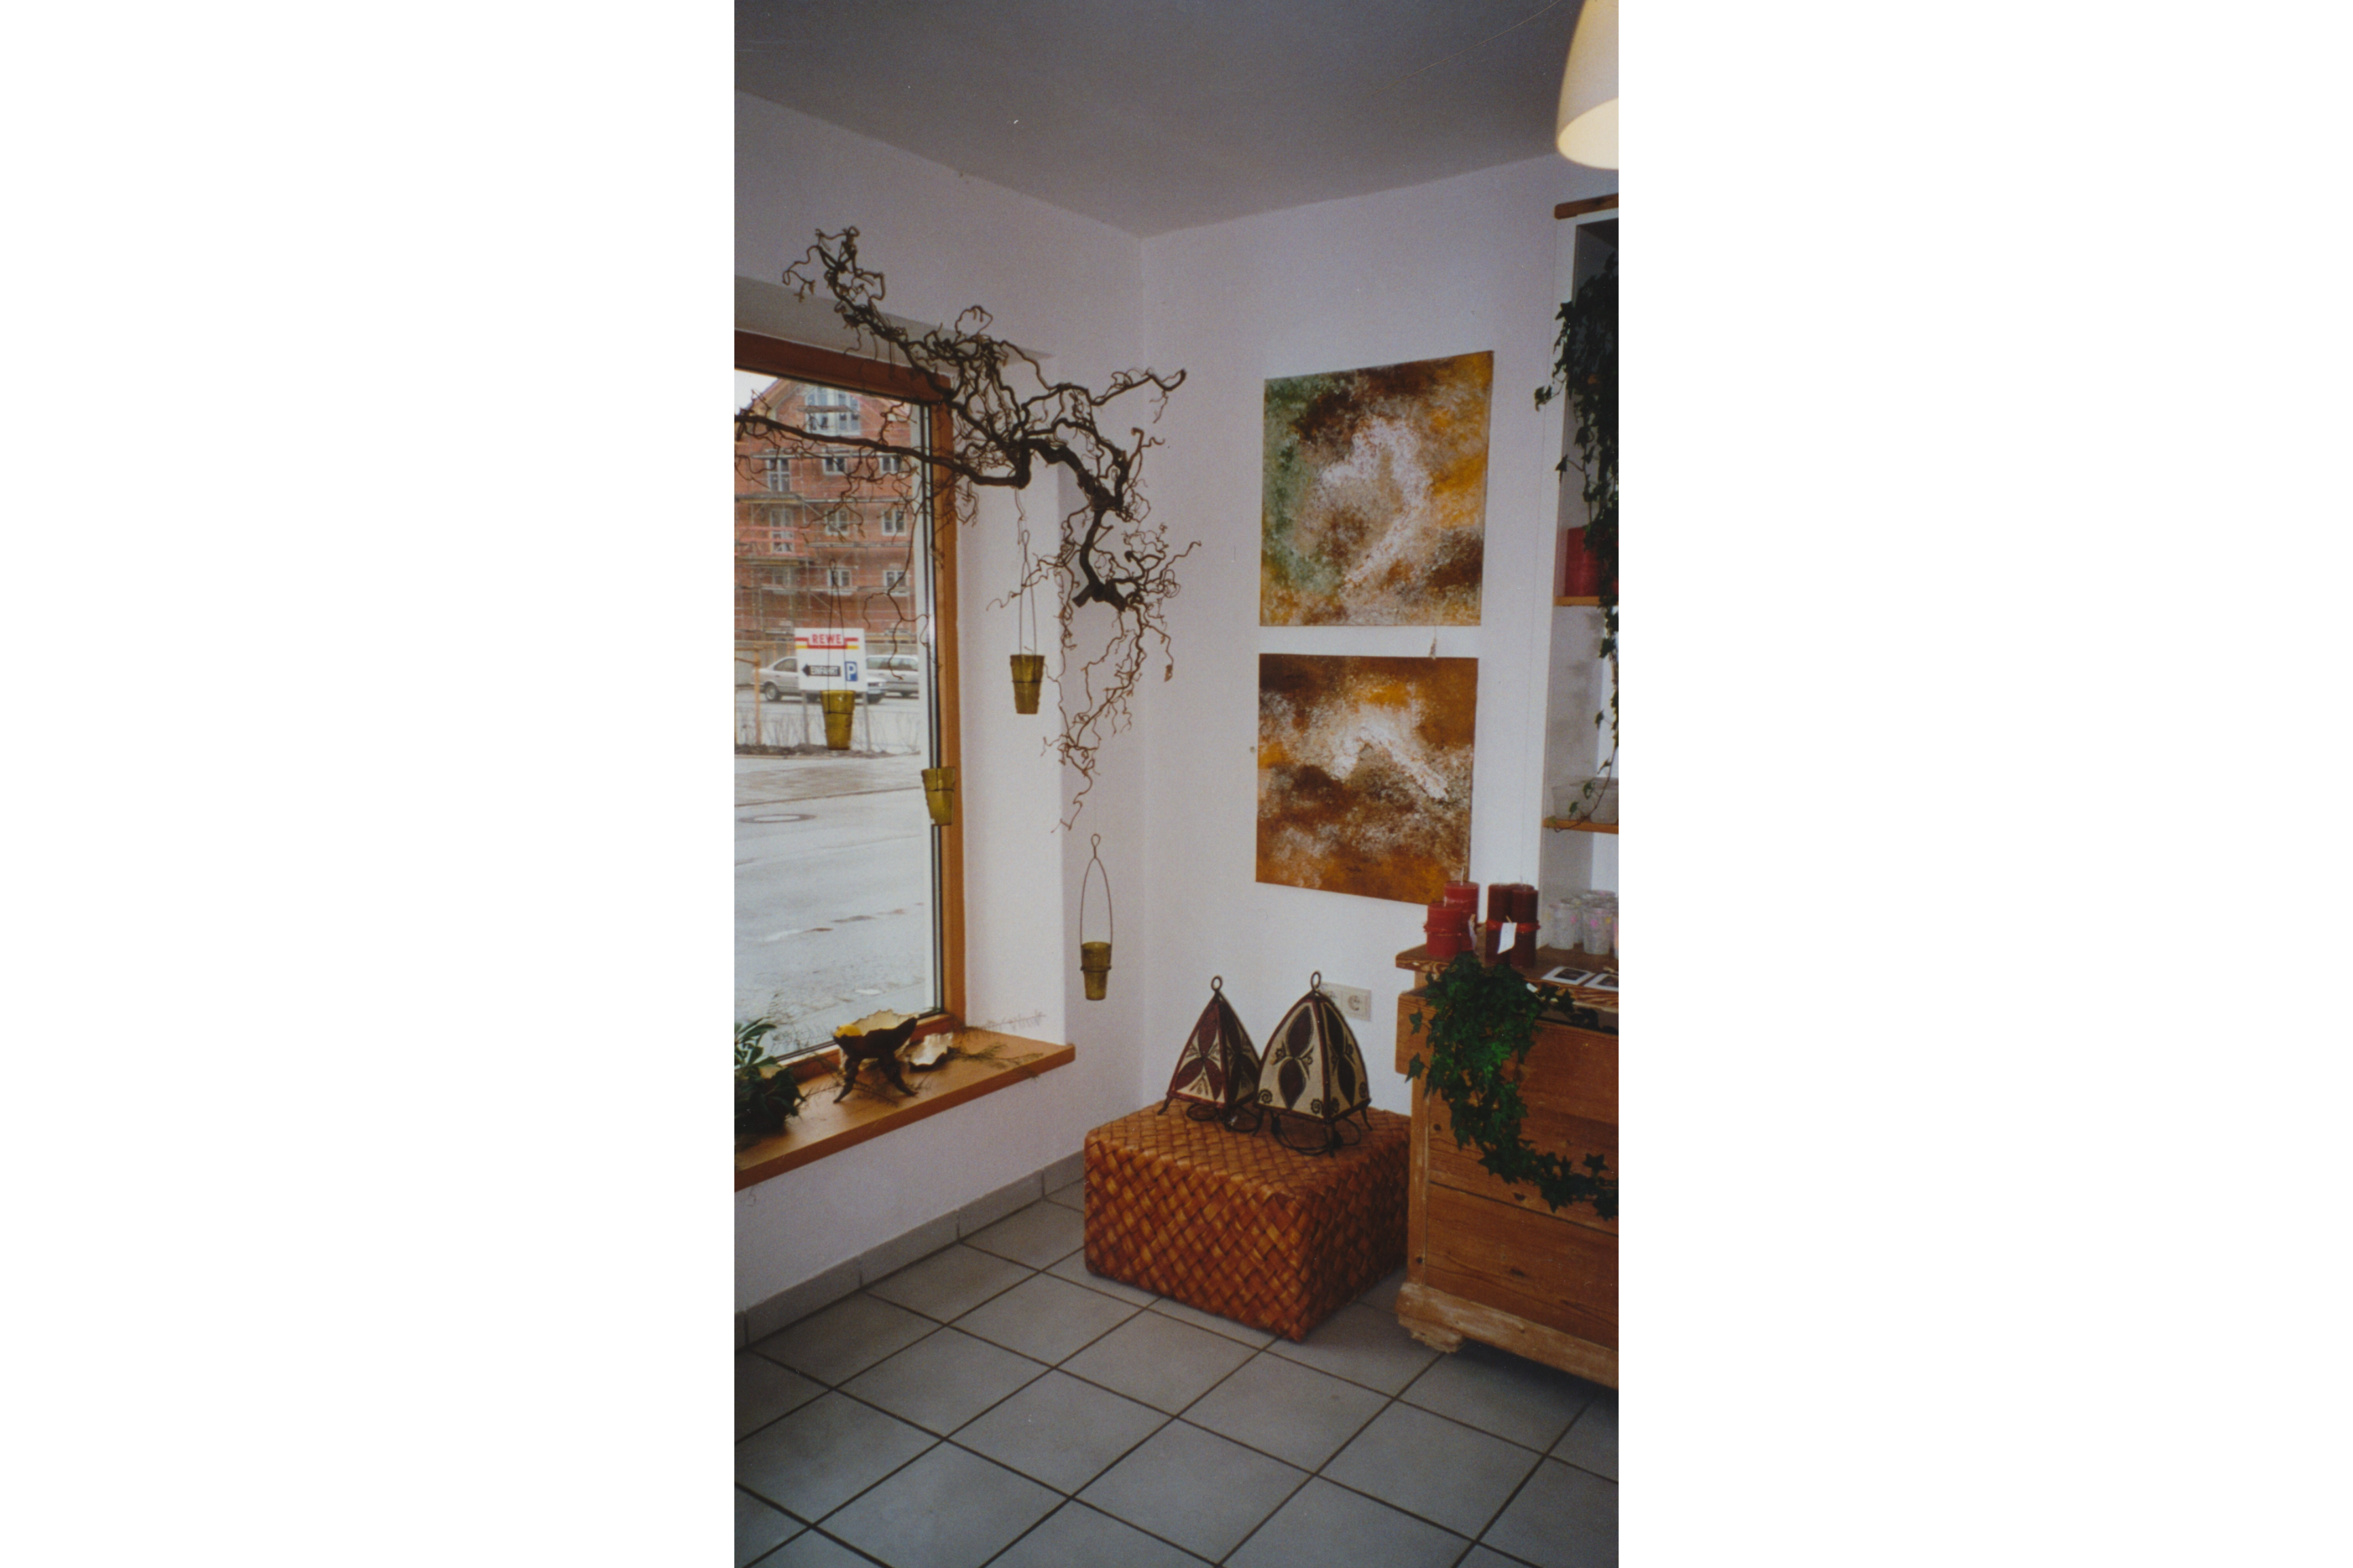 13_Bilder in Relief auf westlicher Ausstellungs Raumseite